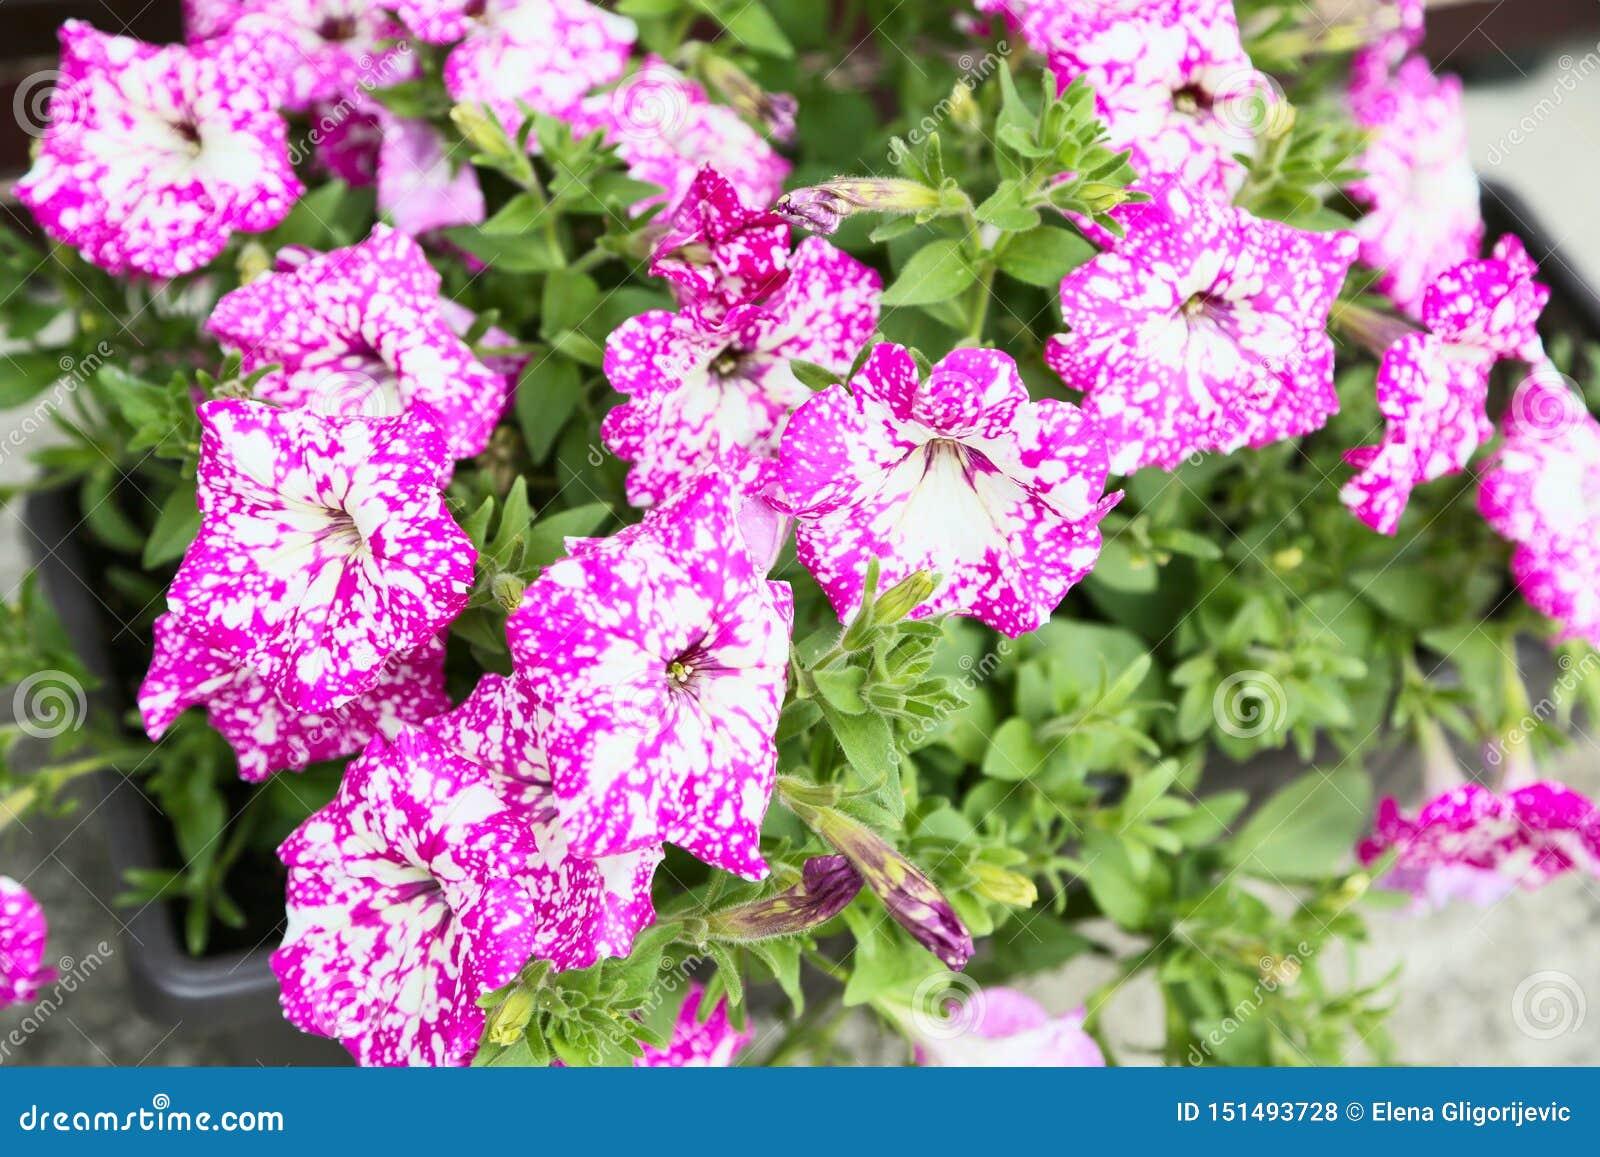 Πετούνια, ζωηρόχρωμο hybrida πετουνιών λουλουδιών πετουνιών Σύσταση υποβάθρου πετουνιών λουλουδιών, σχέδιο